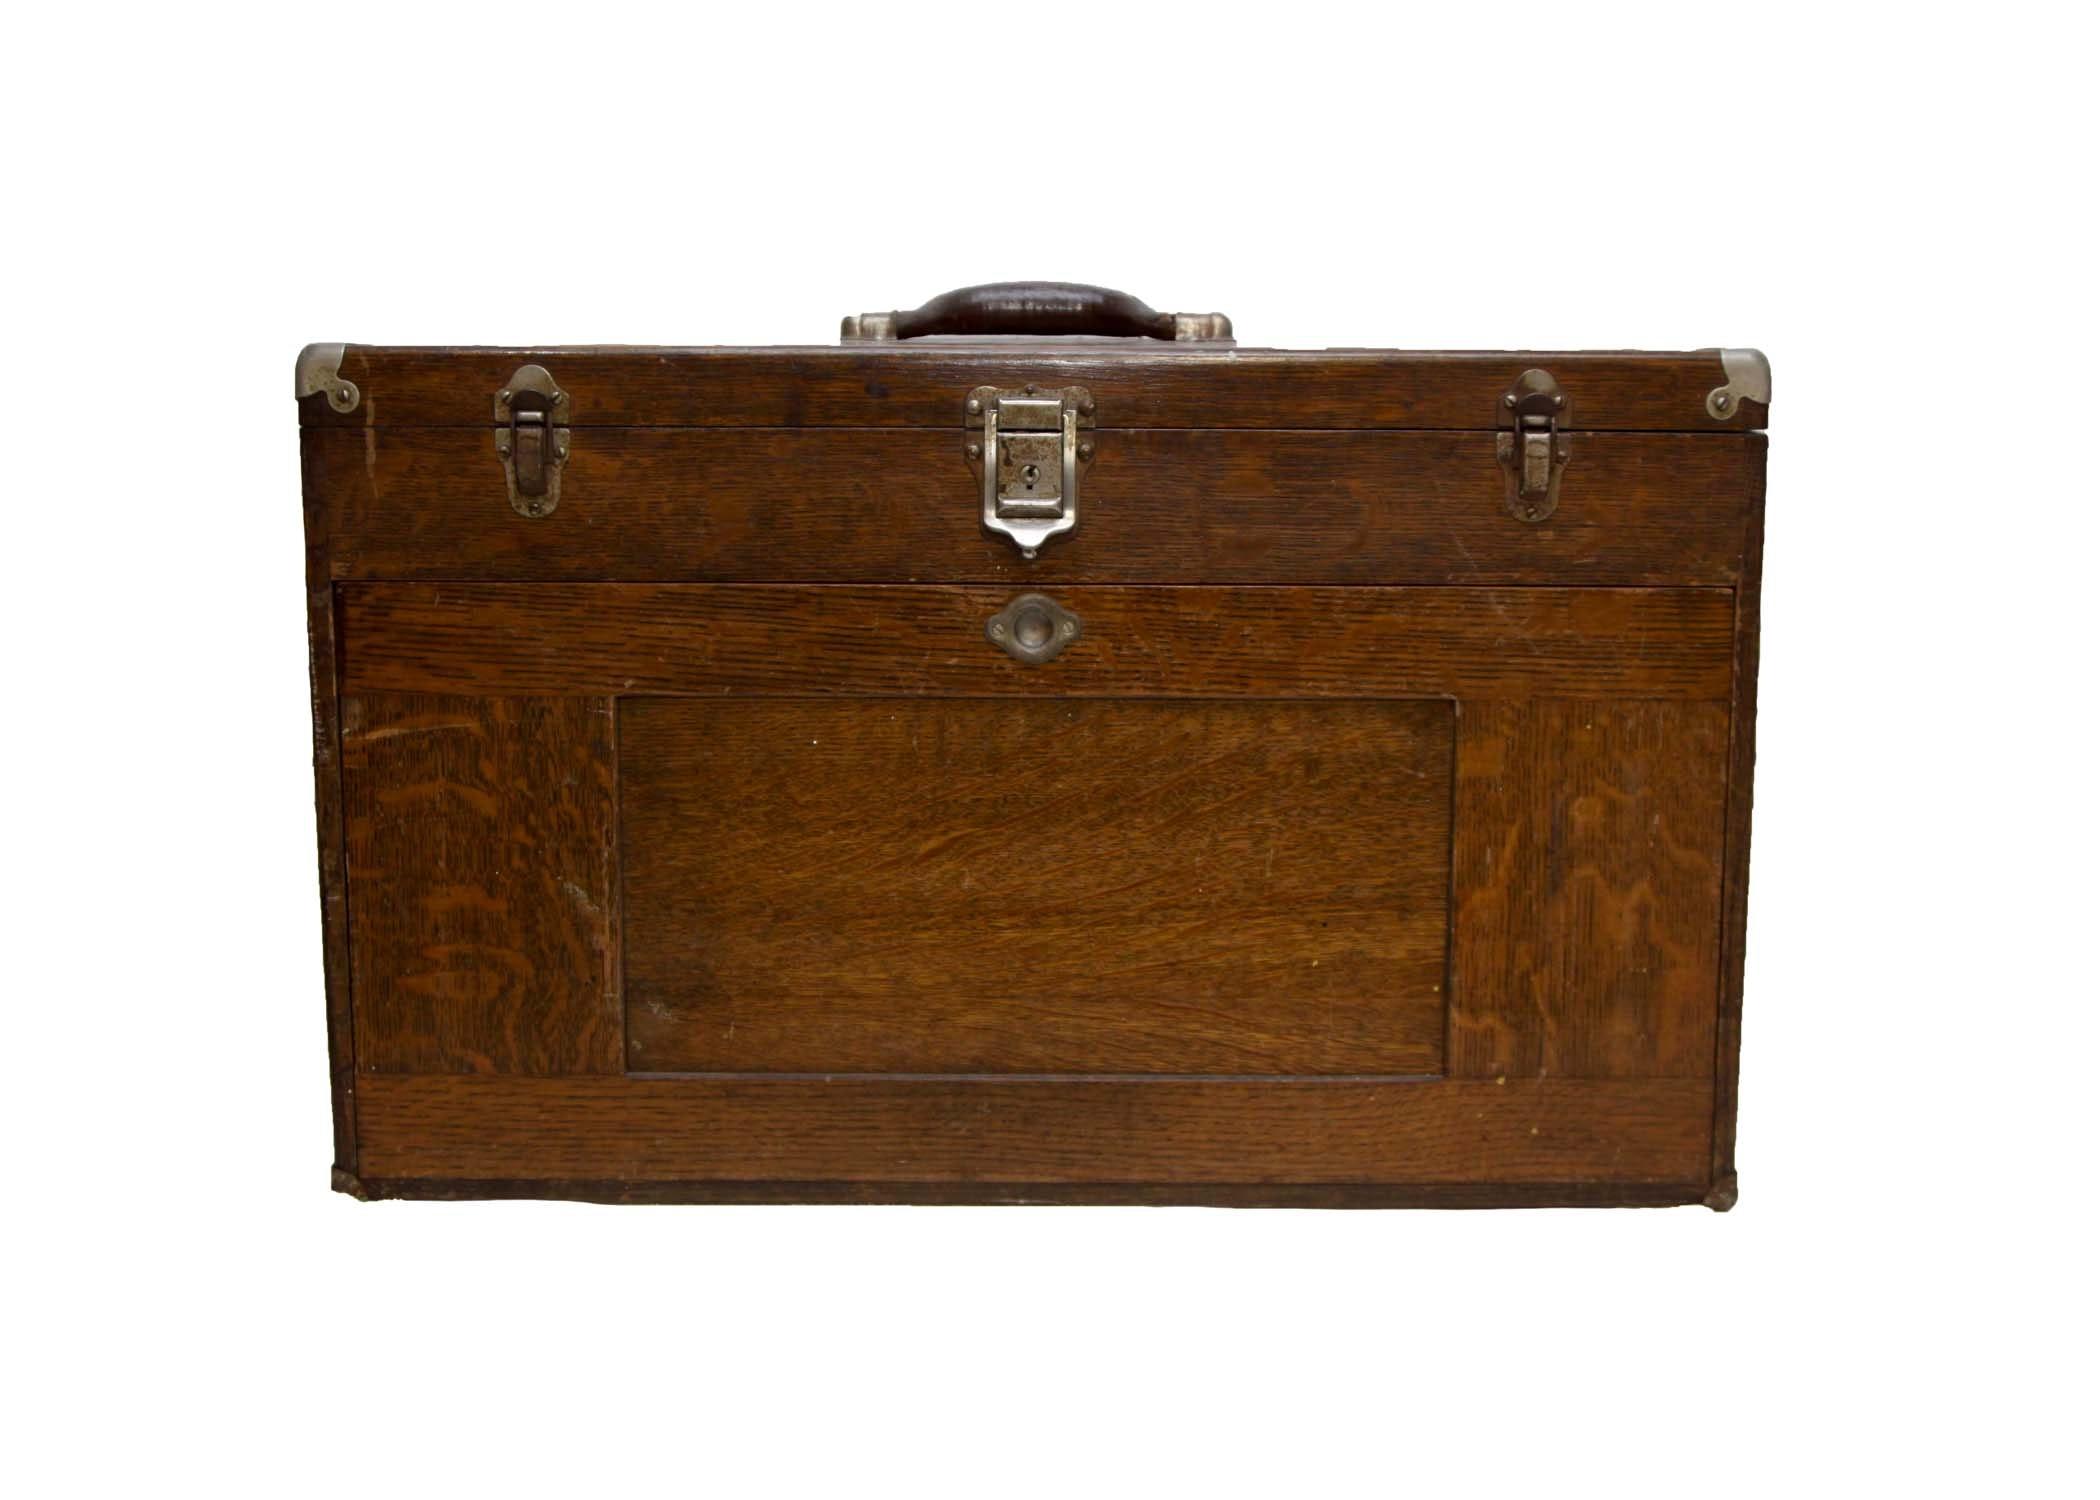 H. Gerstner & Sons Vintage Wooden Toolbox